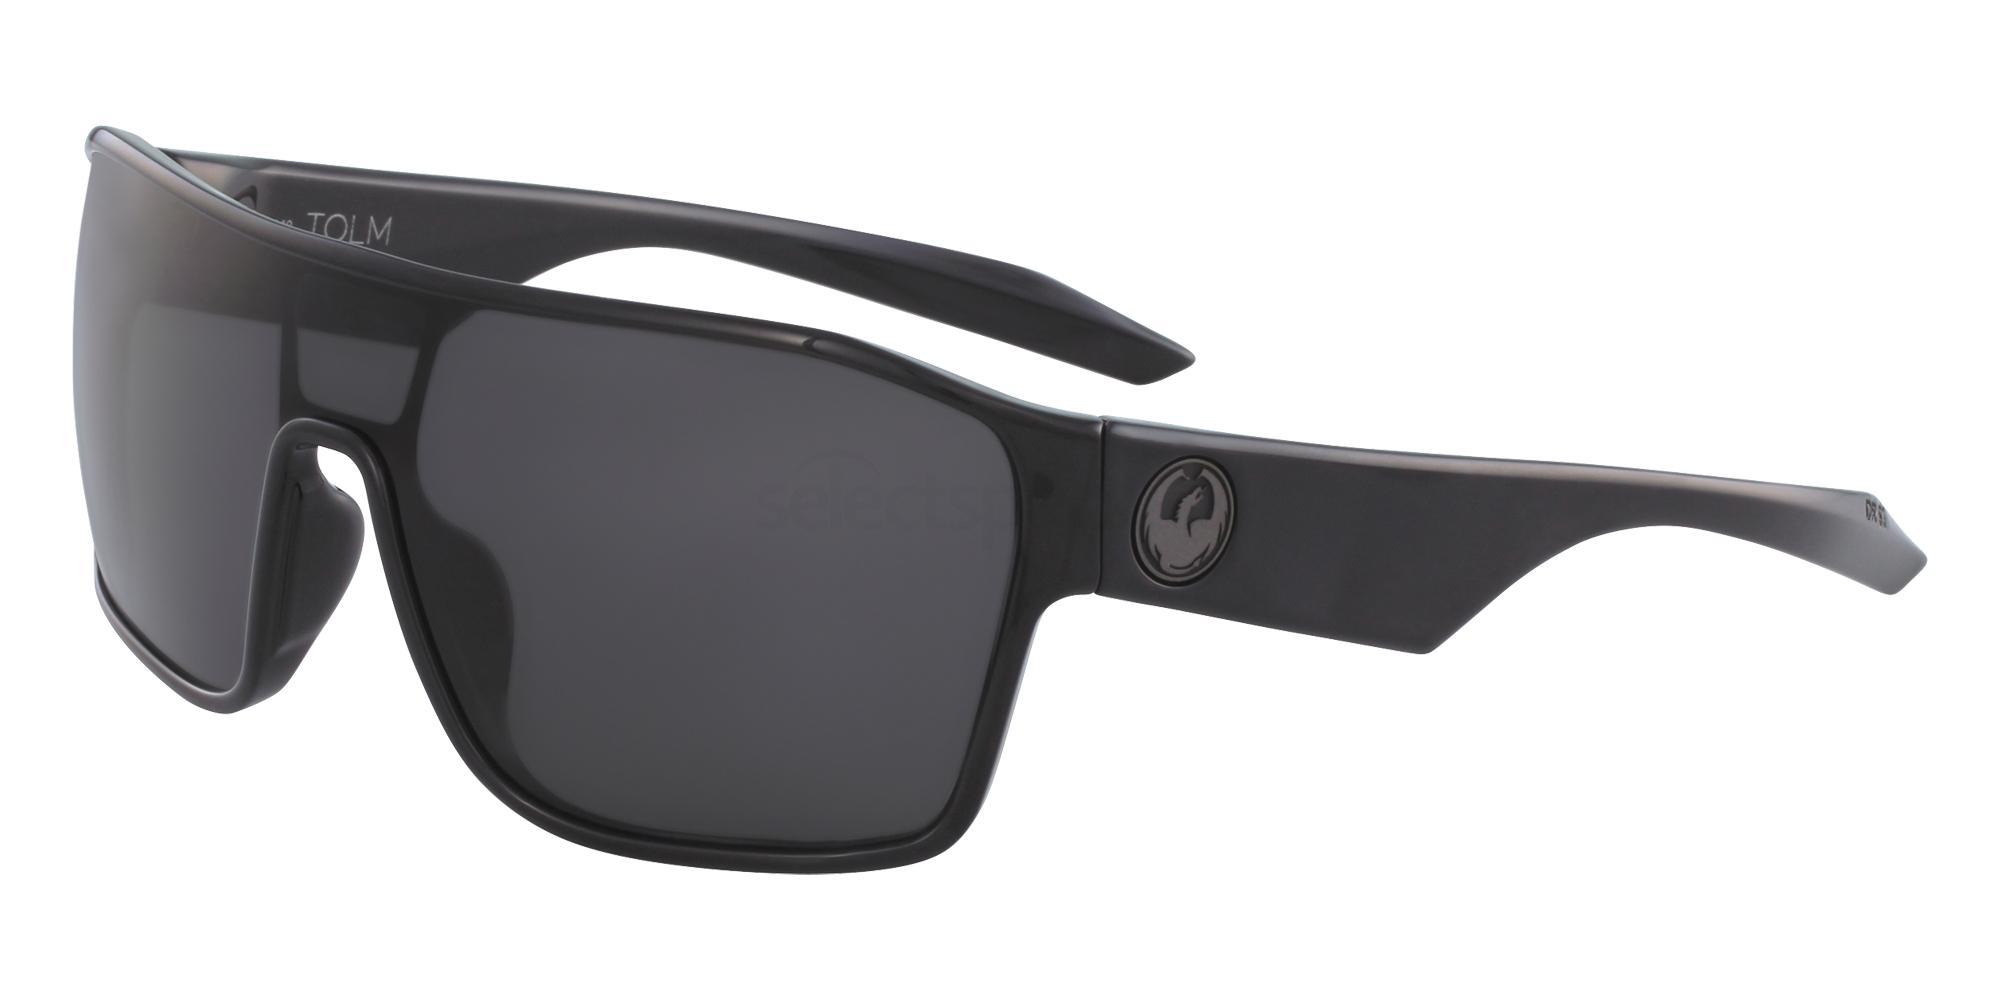 001 DR TOLM LL Sunglasses, Dragon